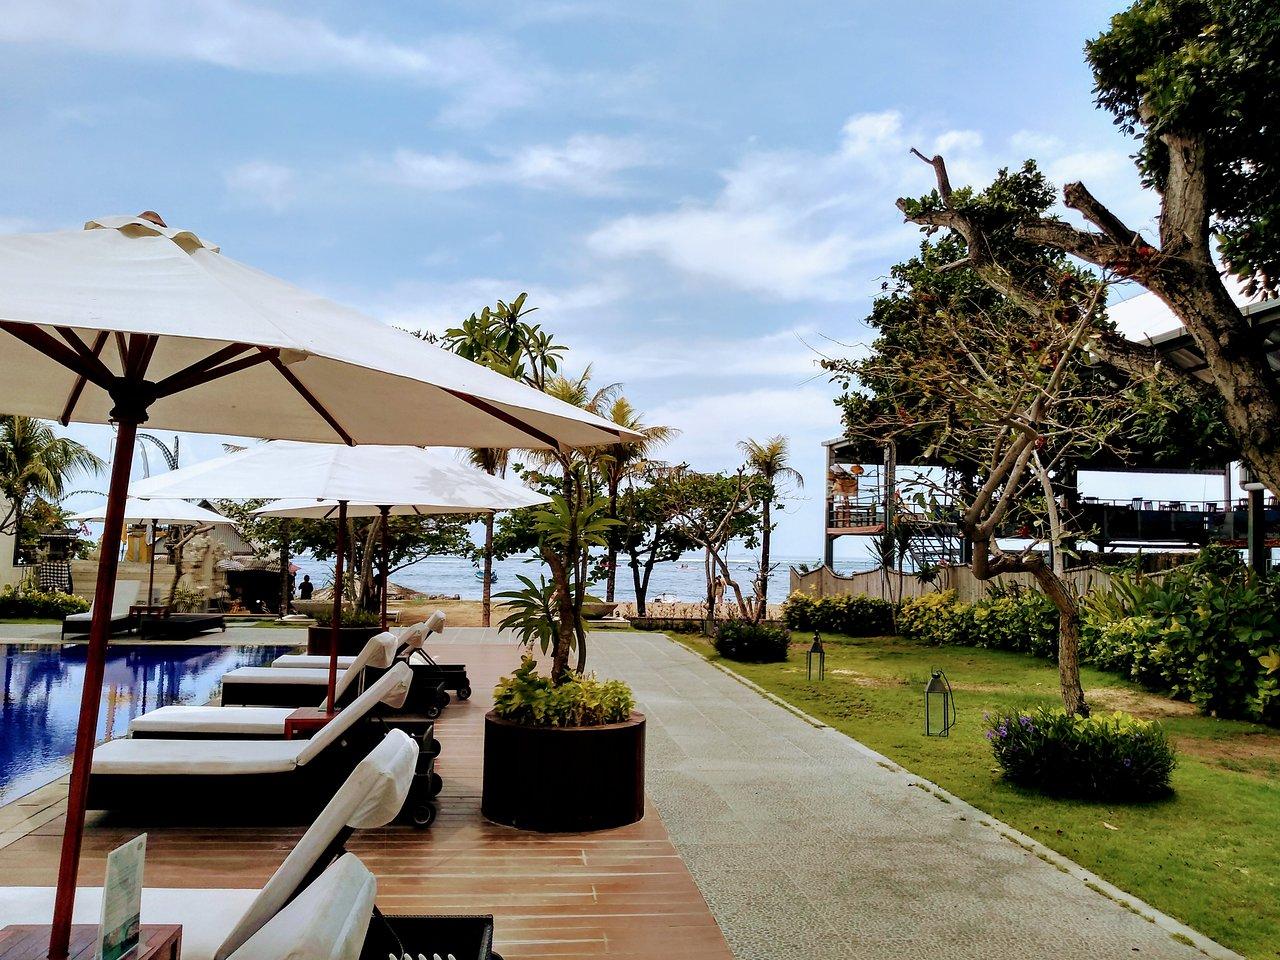 Full Size of Bali Bett Outdoor Kaufen Beach Odessa Aktuelle 2020 Lohnt Es Sich Mit Fotos Amazon Betten 180x200 Kiefer 90x200 Günstig Köln 1 40x2 00 Möbel Boss Wohnzimmer Bali Bett Outdoor